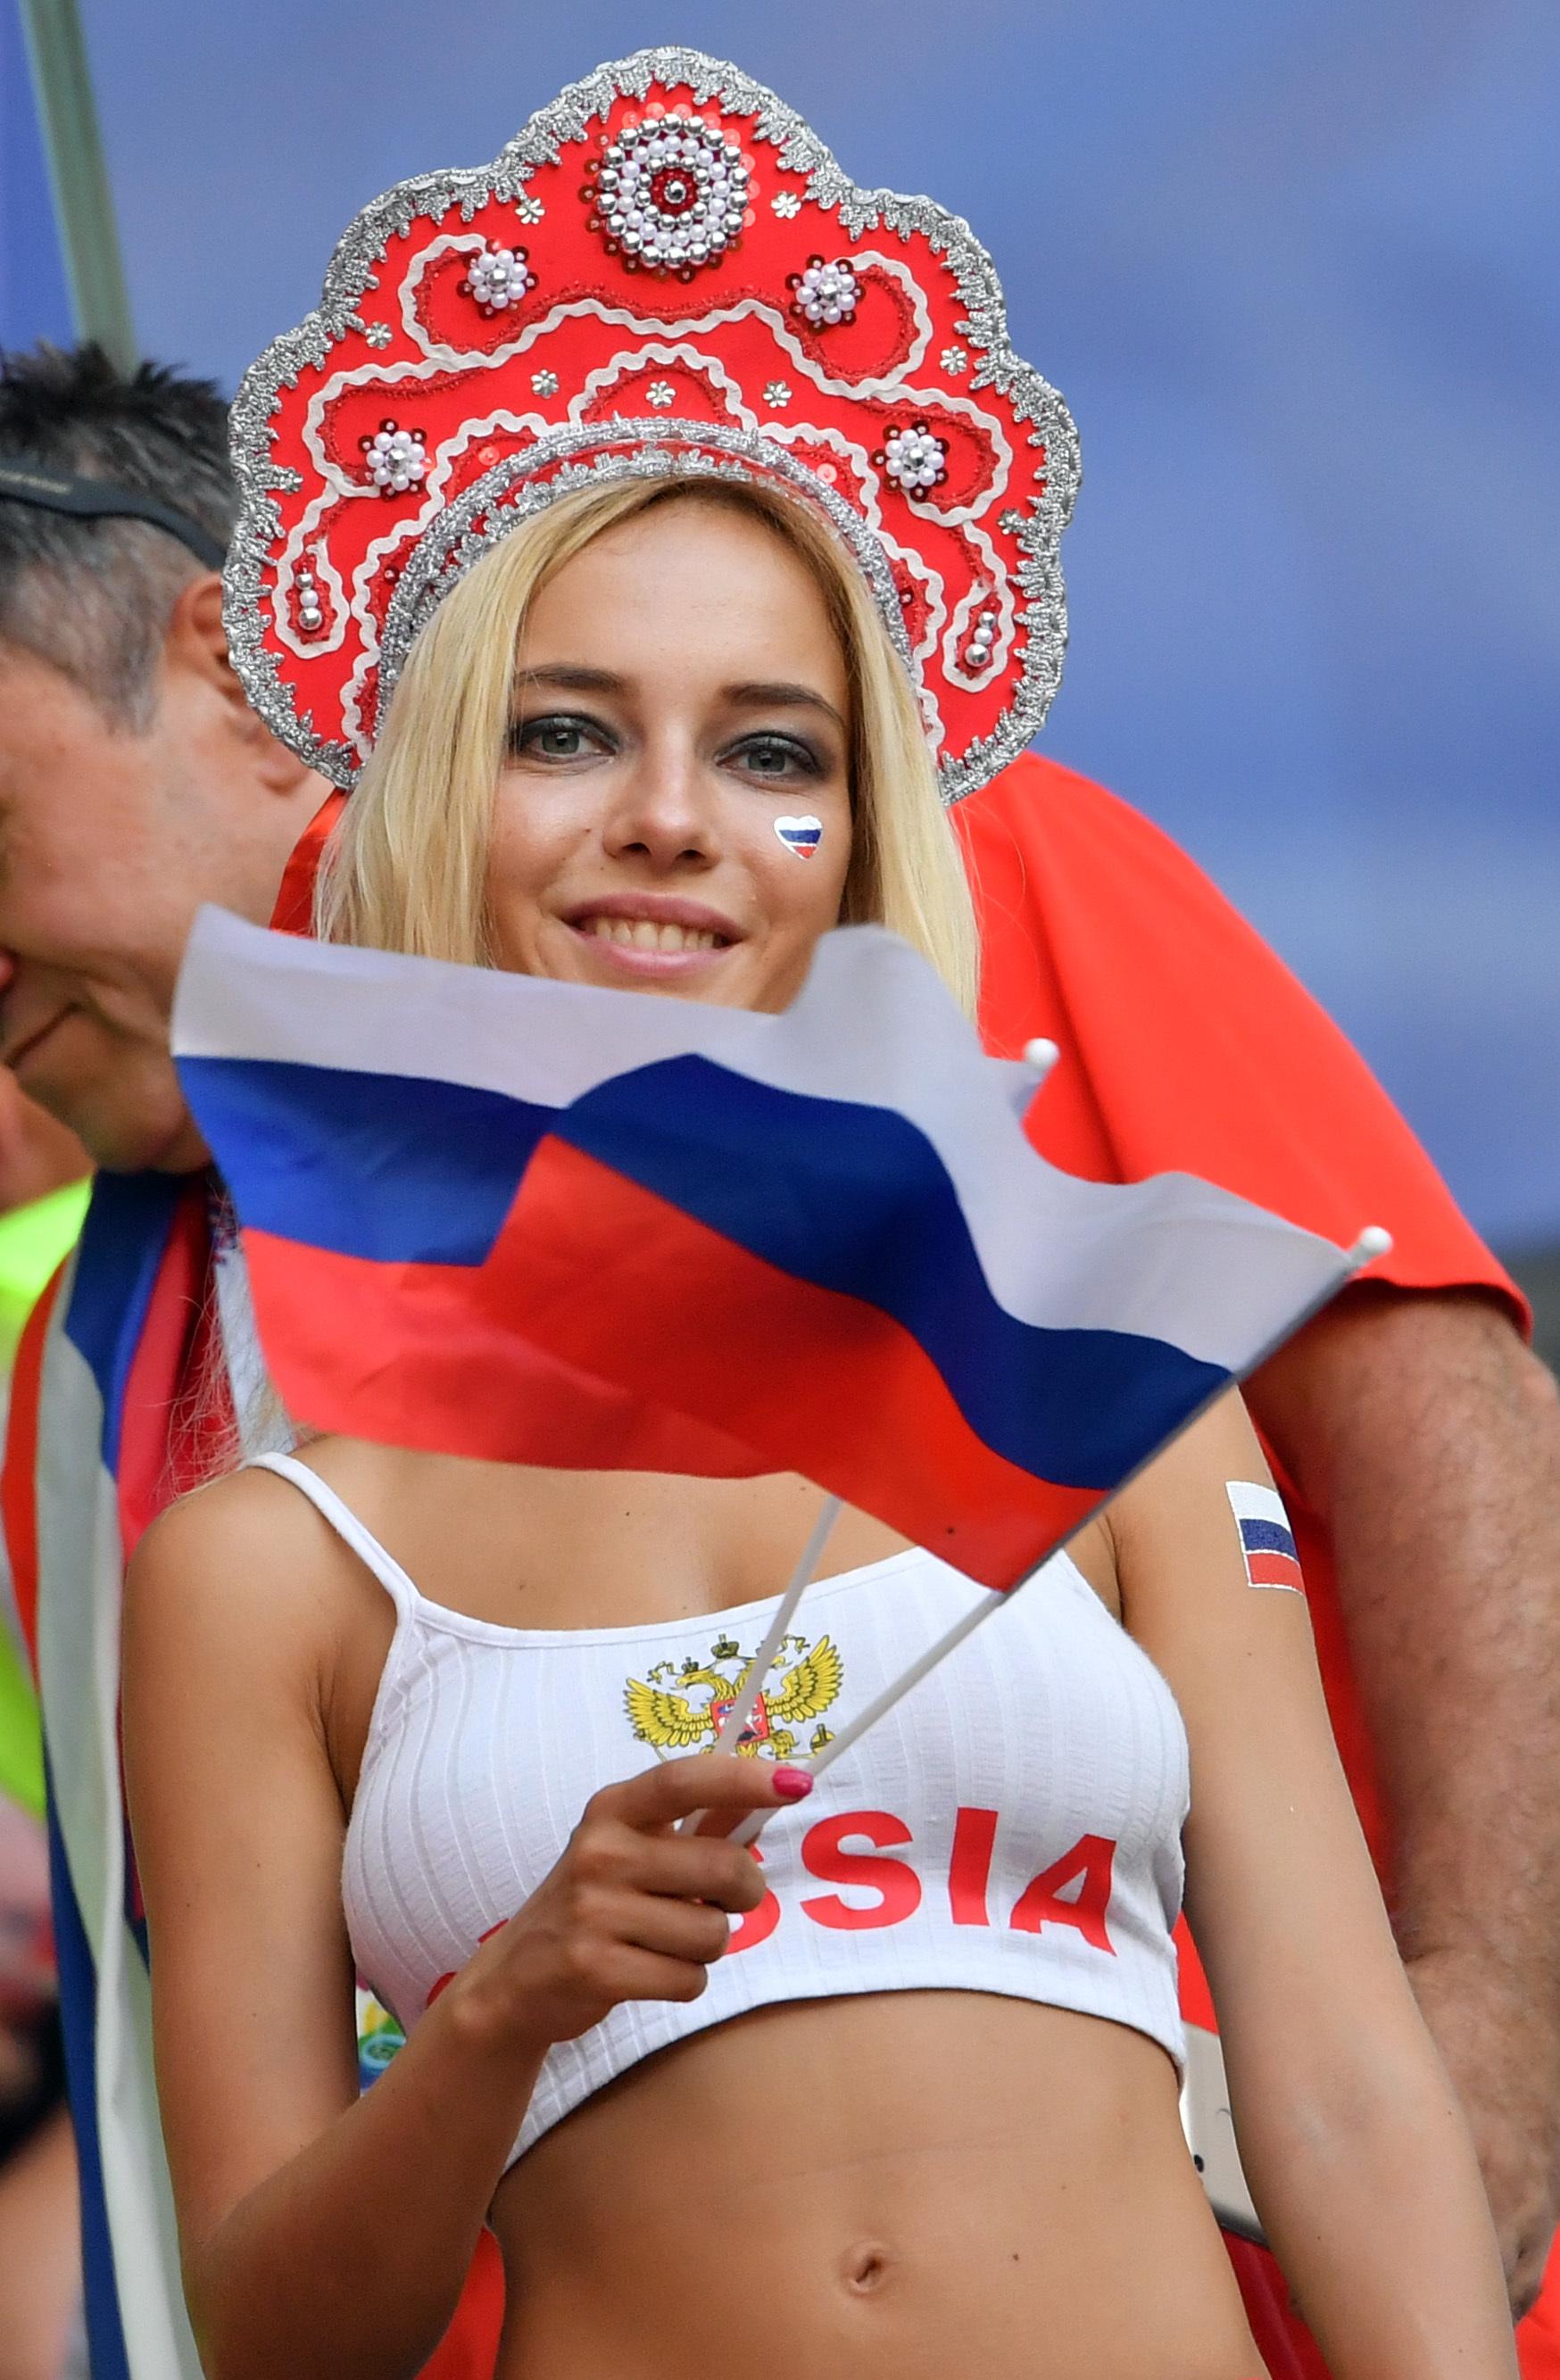 Actrices Porno Rusas Joven mundial 2018 rusia: sorpresa x en el mundial: la aficionada